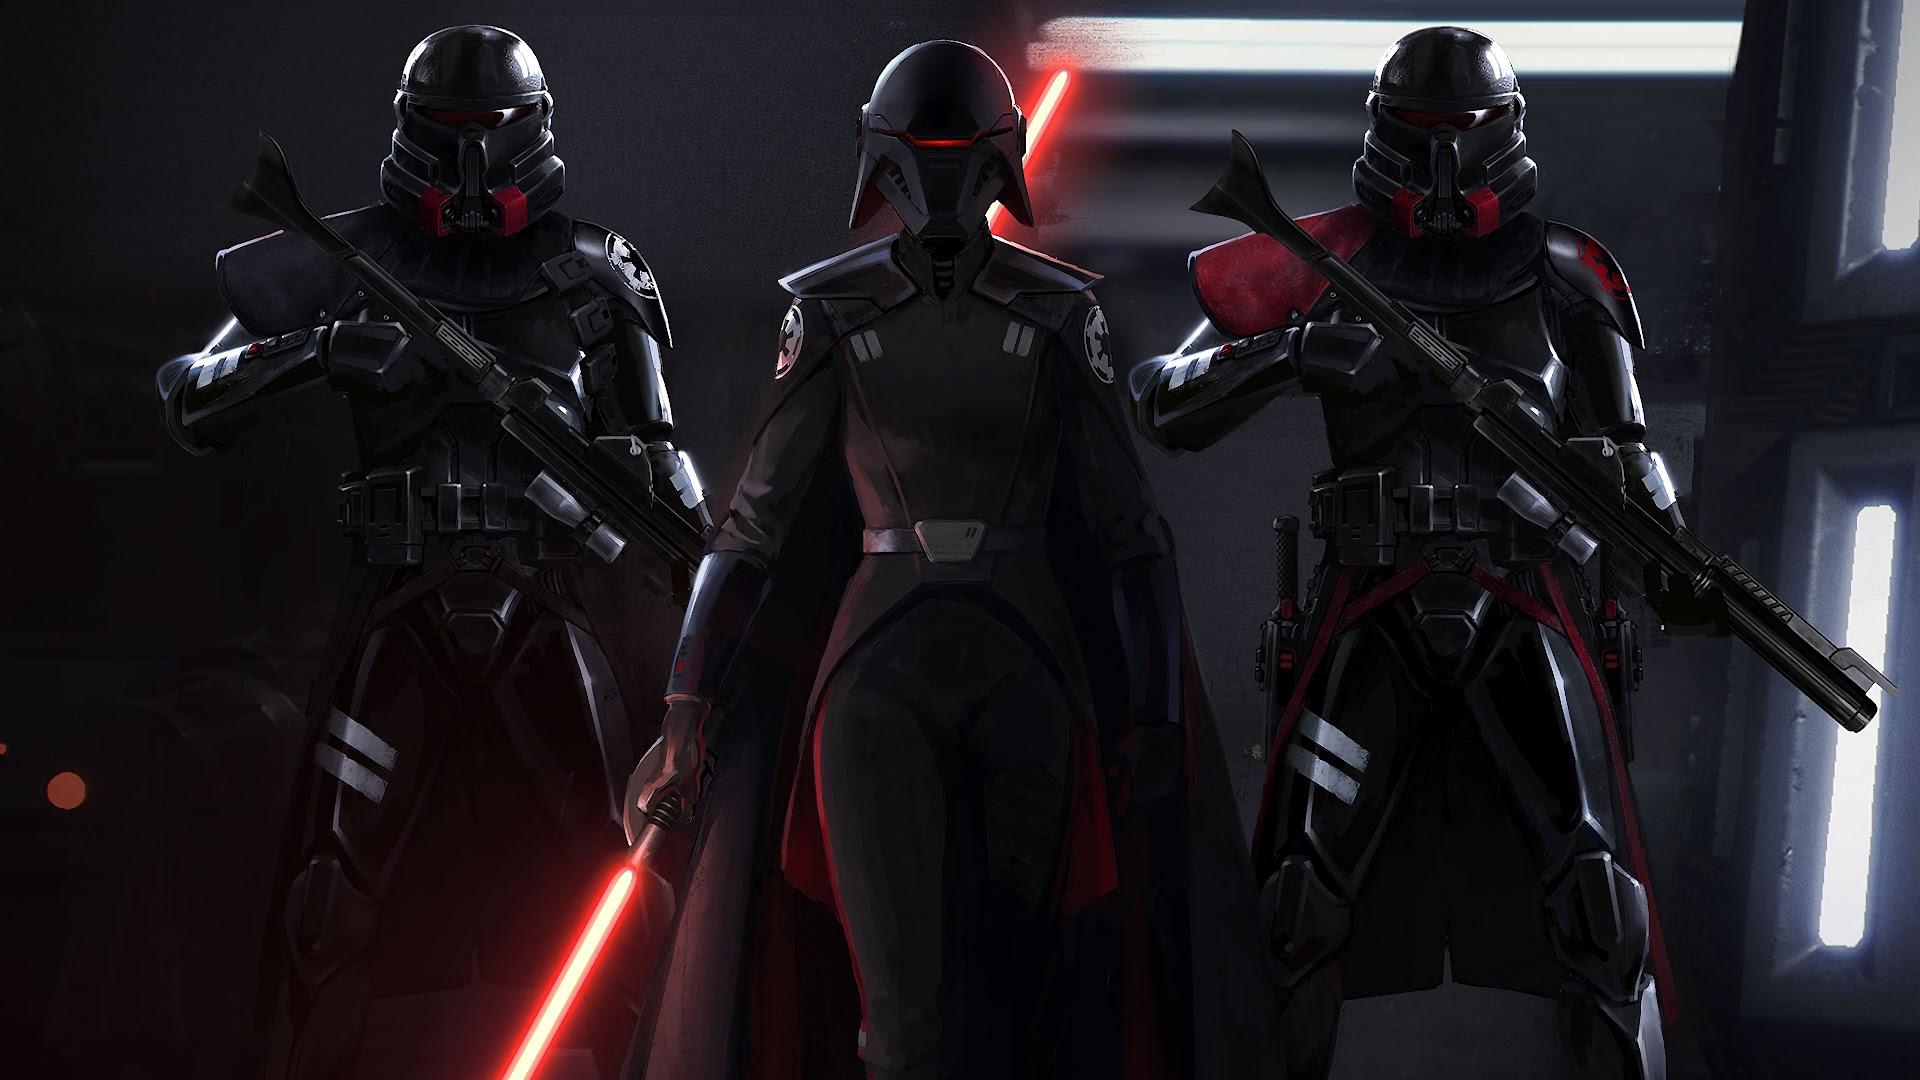 Star Wars Jedi Fallen Order Stormtroopers 4k Wallpaper 11